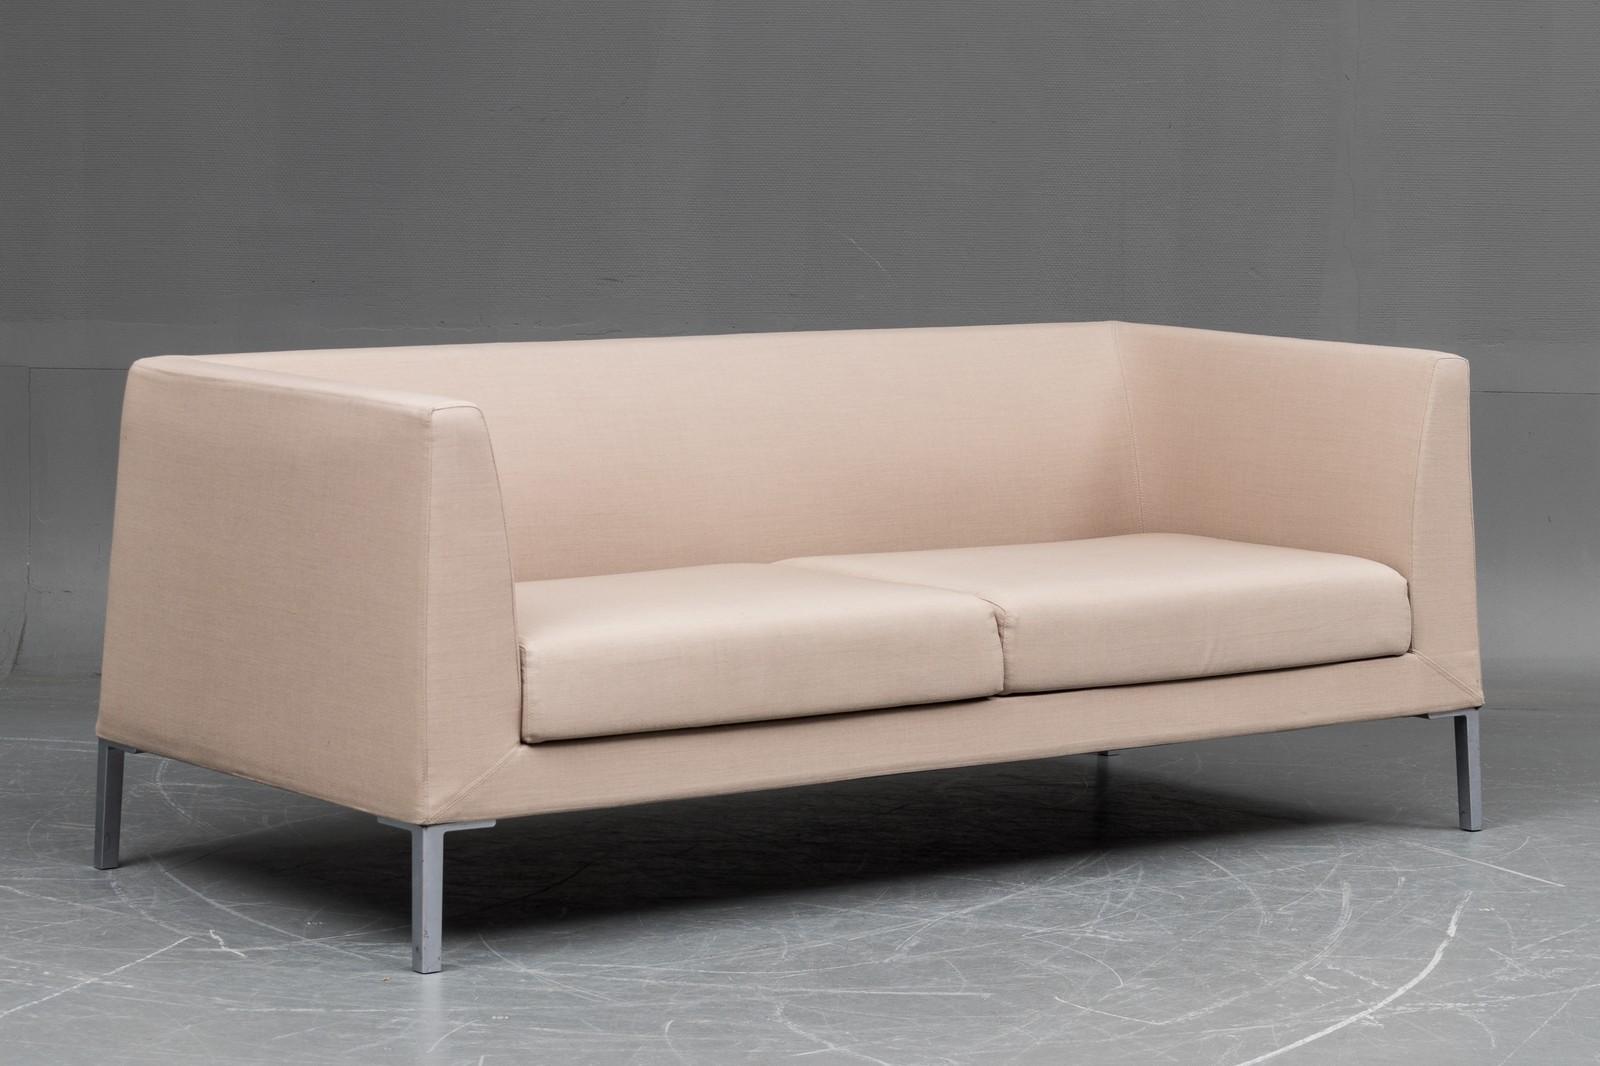 2 sitzer sofa paustian eilersen lounge hiorth lorenzen foersom gebraucht. Black Bedroom Furniture Sets. Home Design Ideas